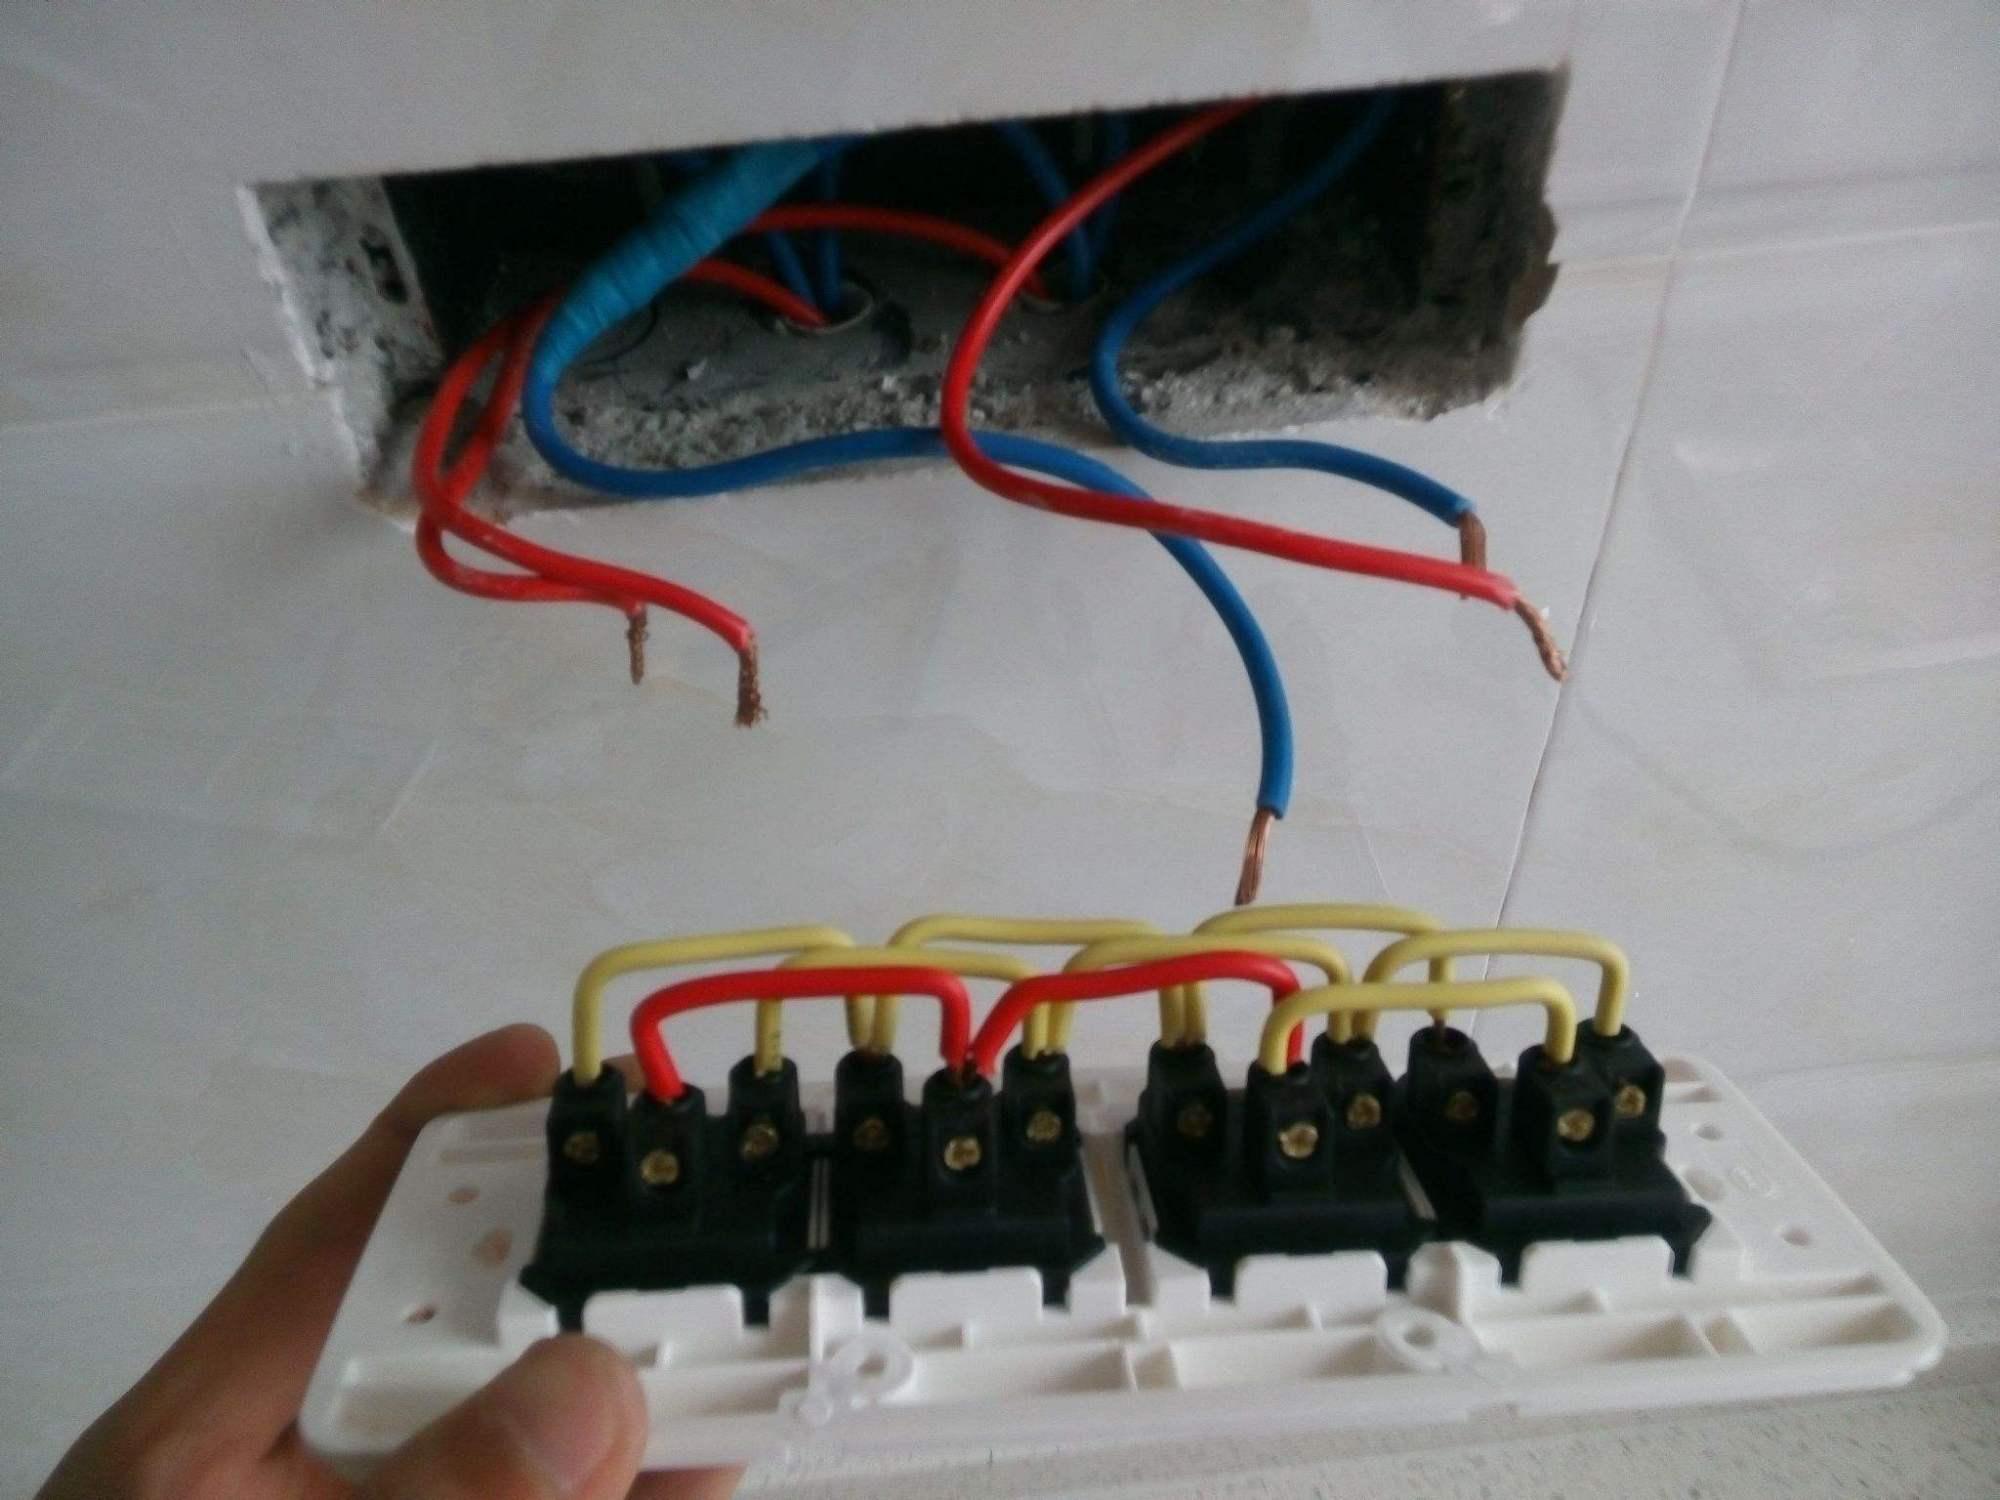 装修水电改造,皇冠hga010浏览器|首页要不要用专线?应该用多粗的电线?